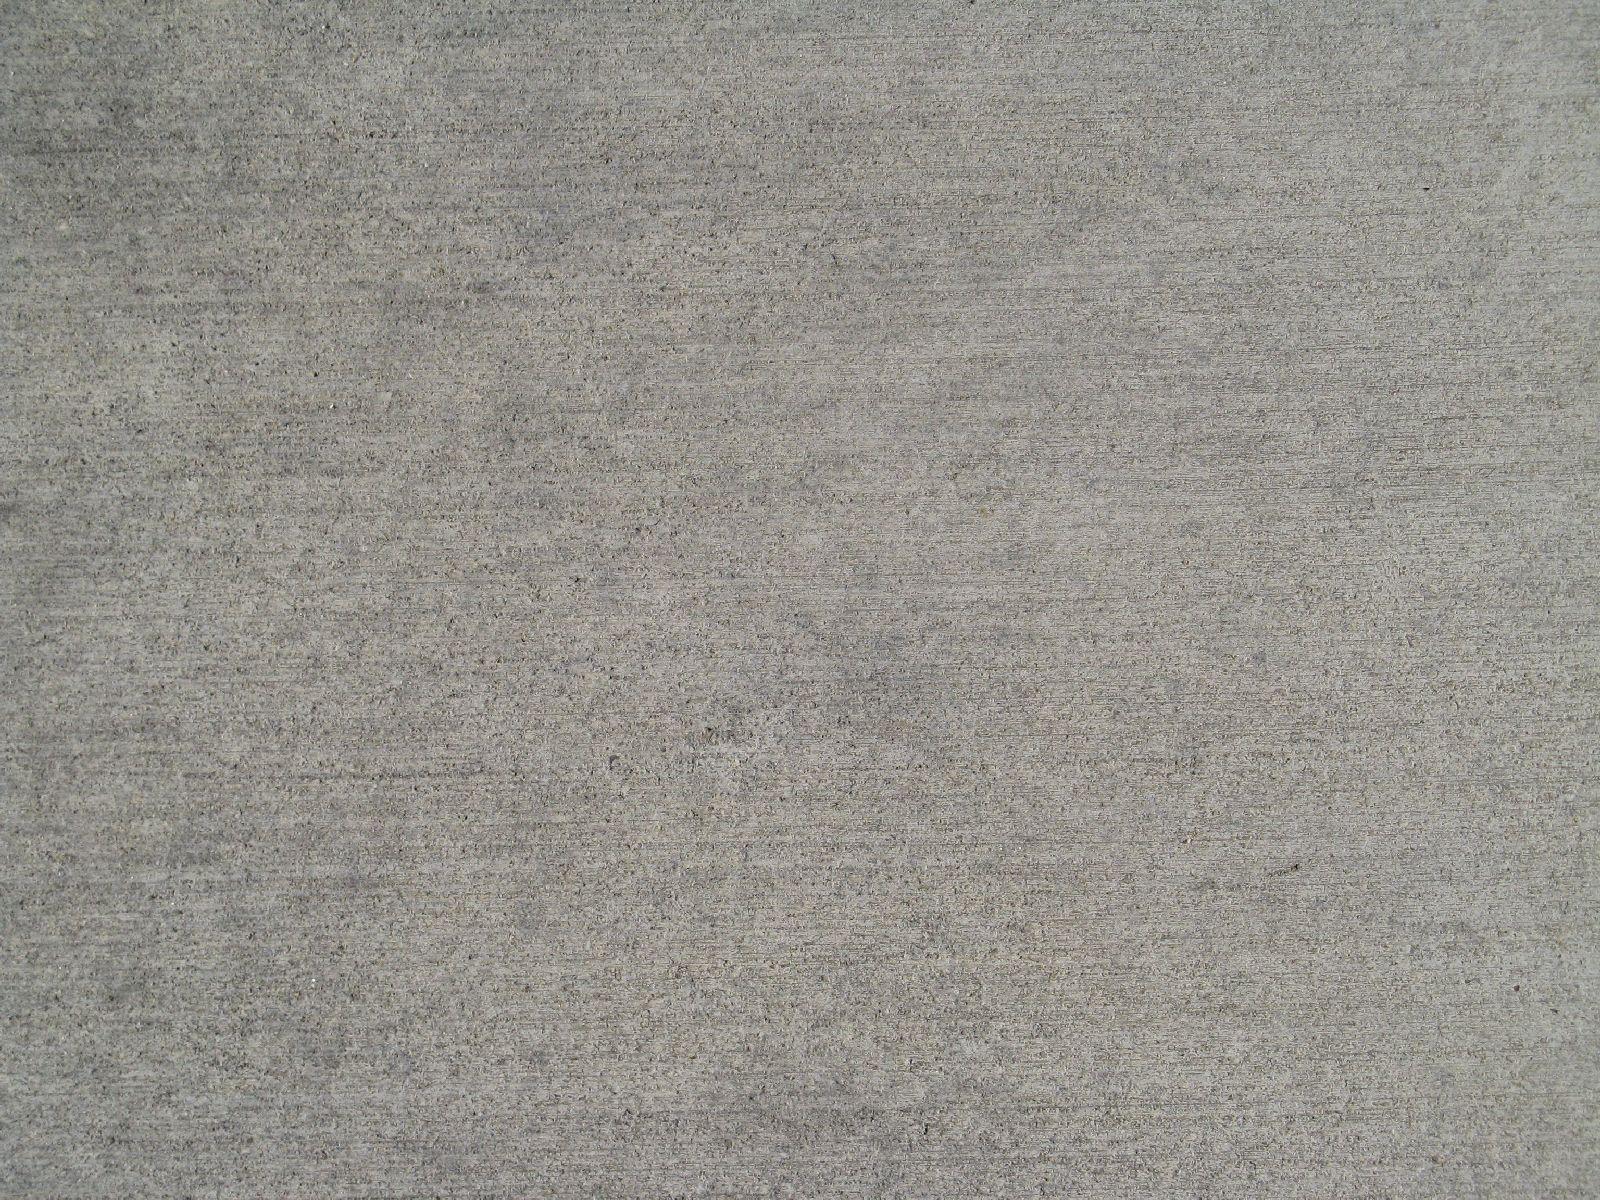 Boden-Gehweg-Strasse-Buergersteig-Textur_B_0230